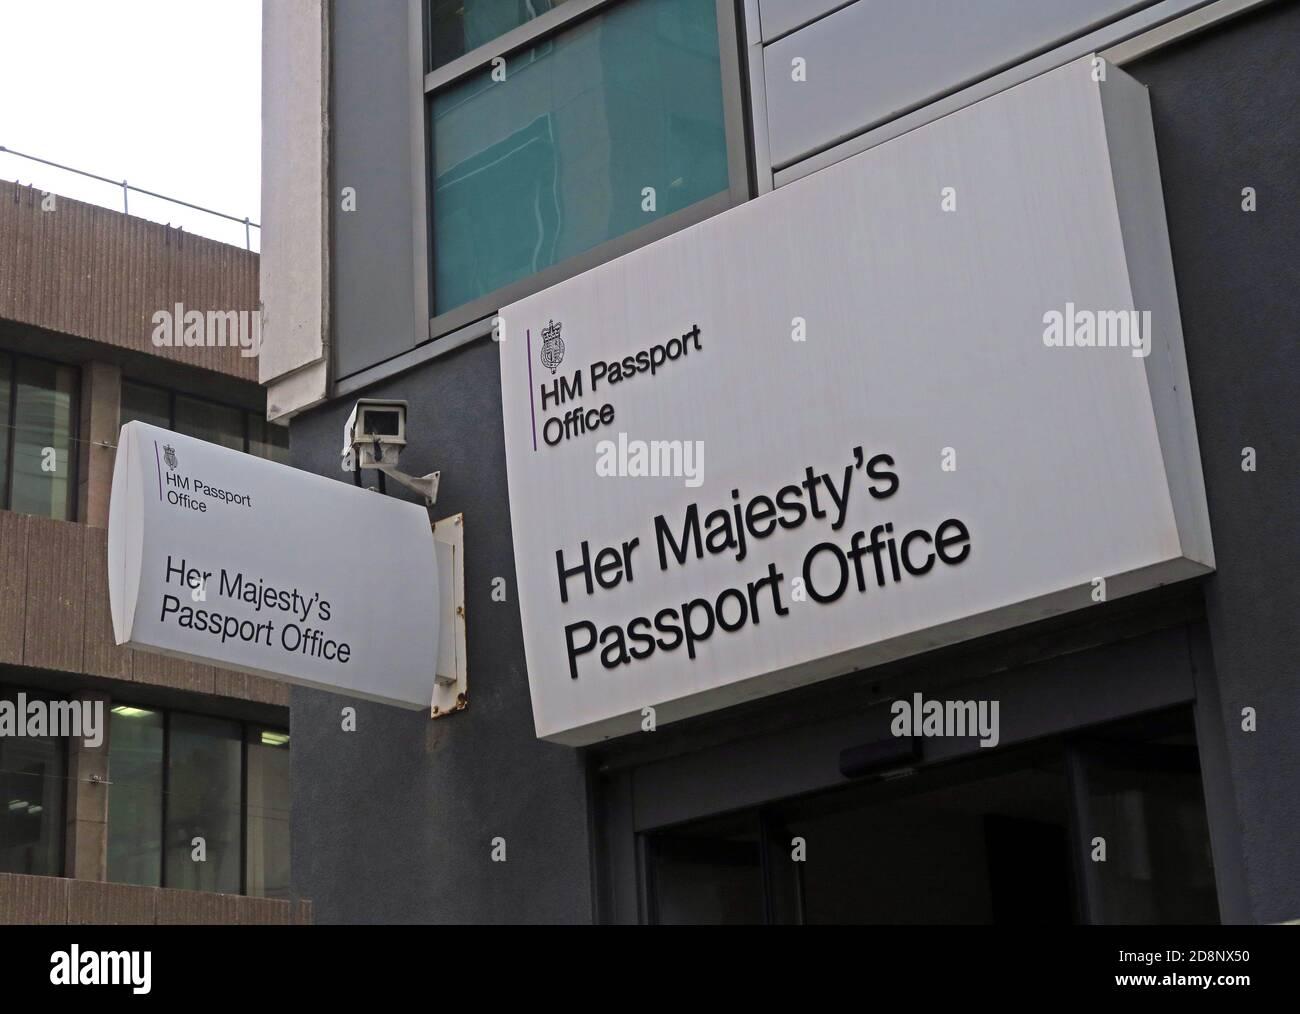 Dieses Stockfoto: HMPO, her Majestys Passport Office, Old Hall Street, Liverpool, Merseyside, England, Großbritannien, regionales Passverarbeitungszentrum - 2D8NX5